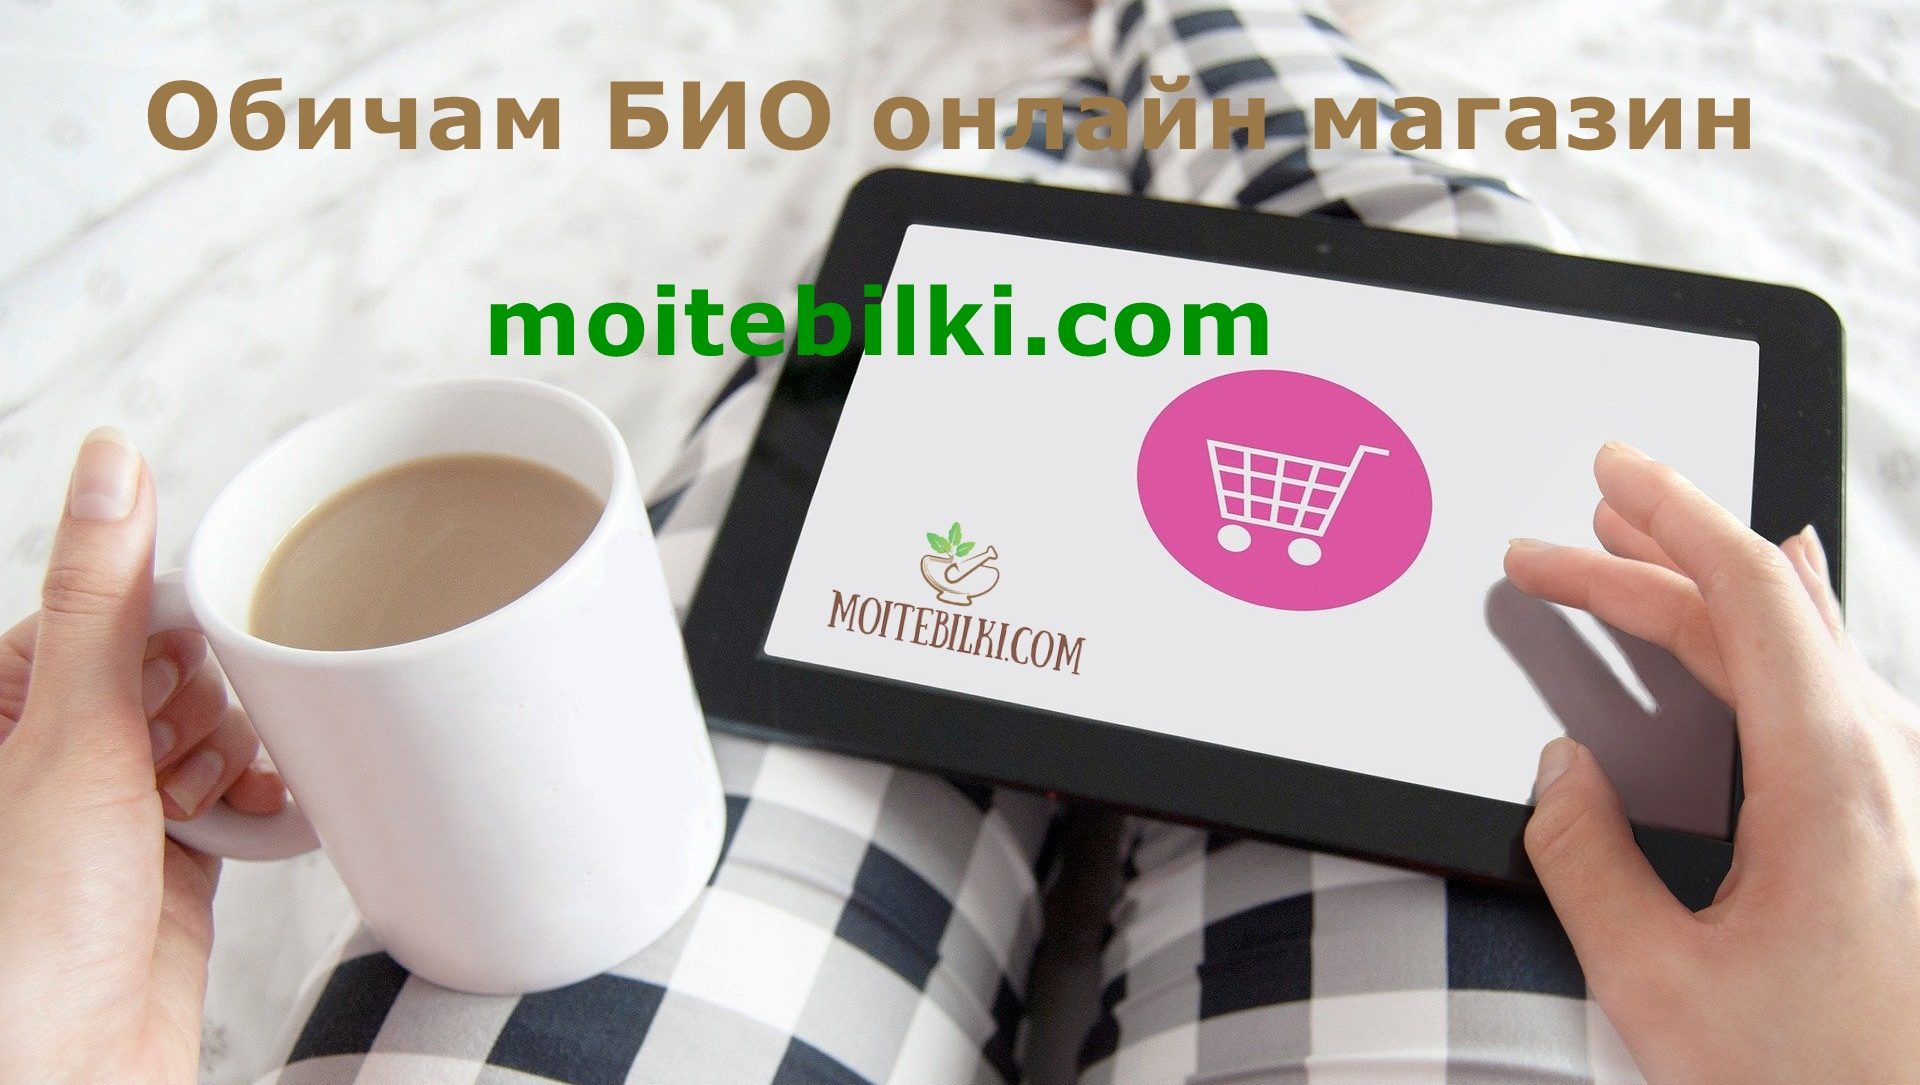 обичам био онлайн магазин